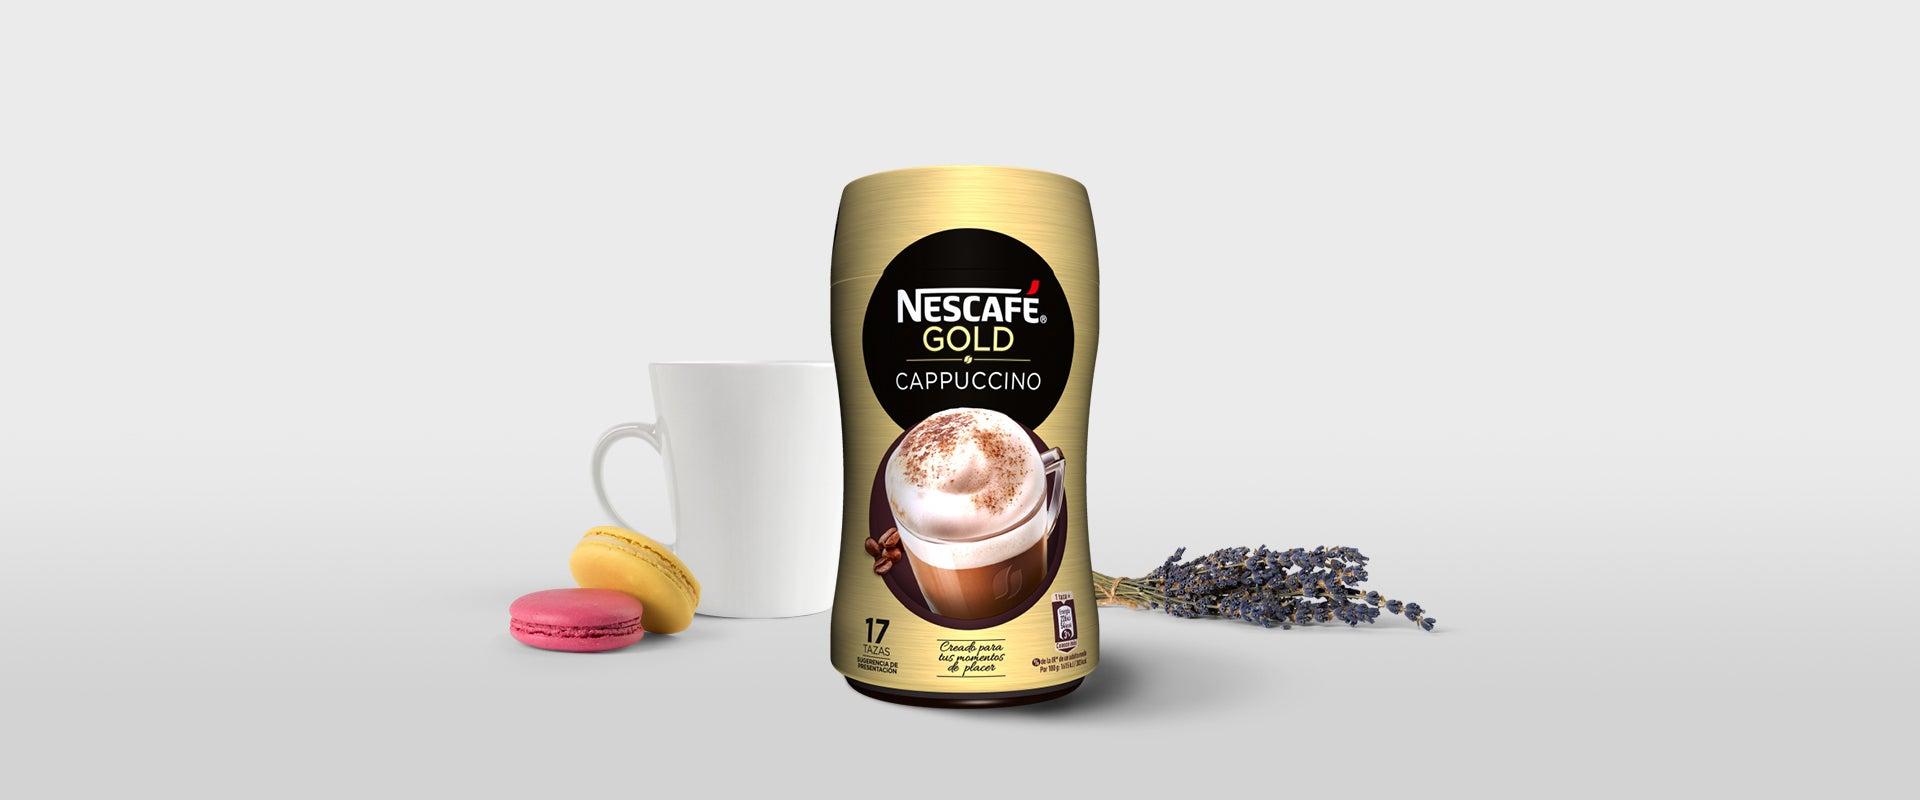 Nescafe Capuccino Gold